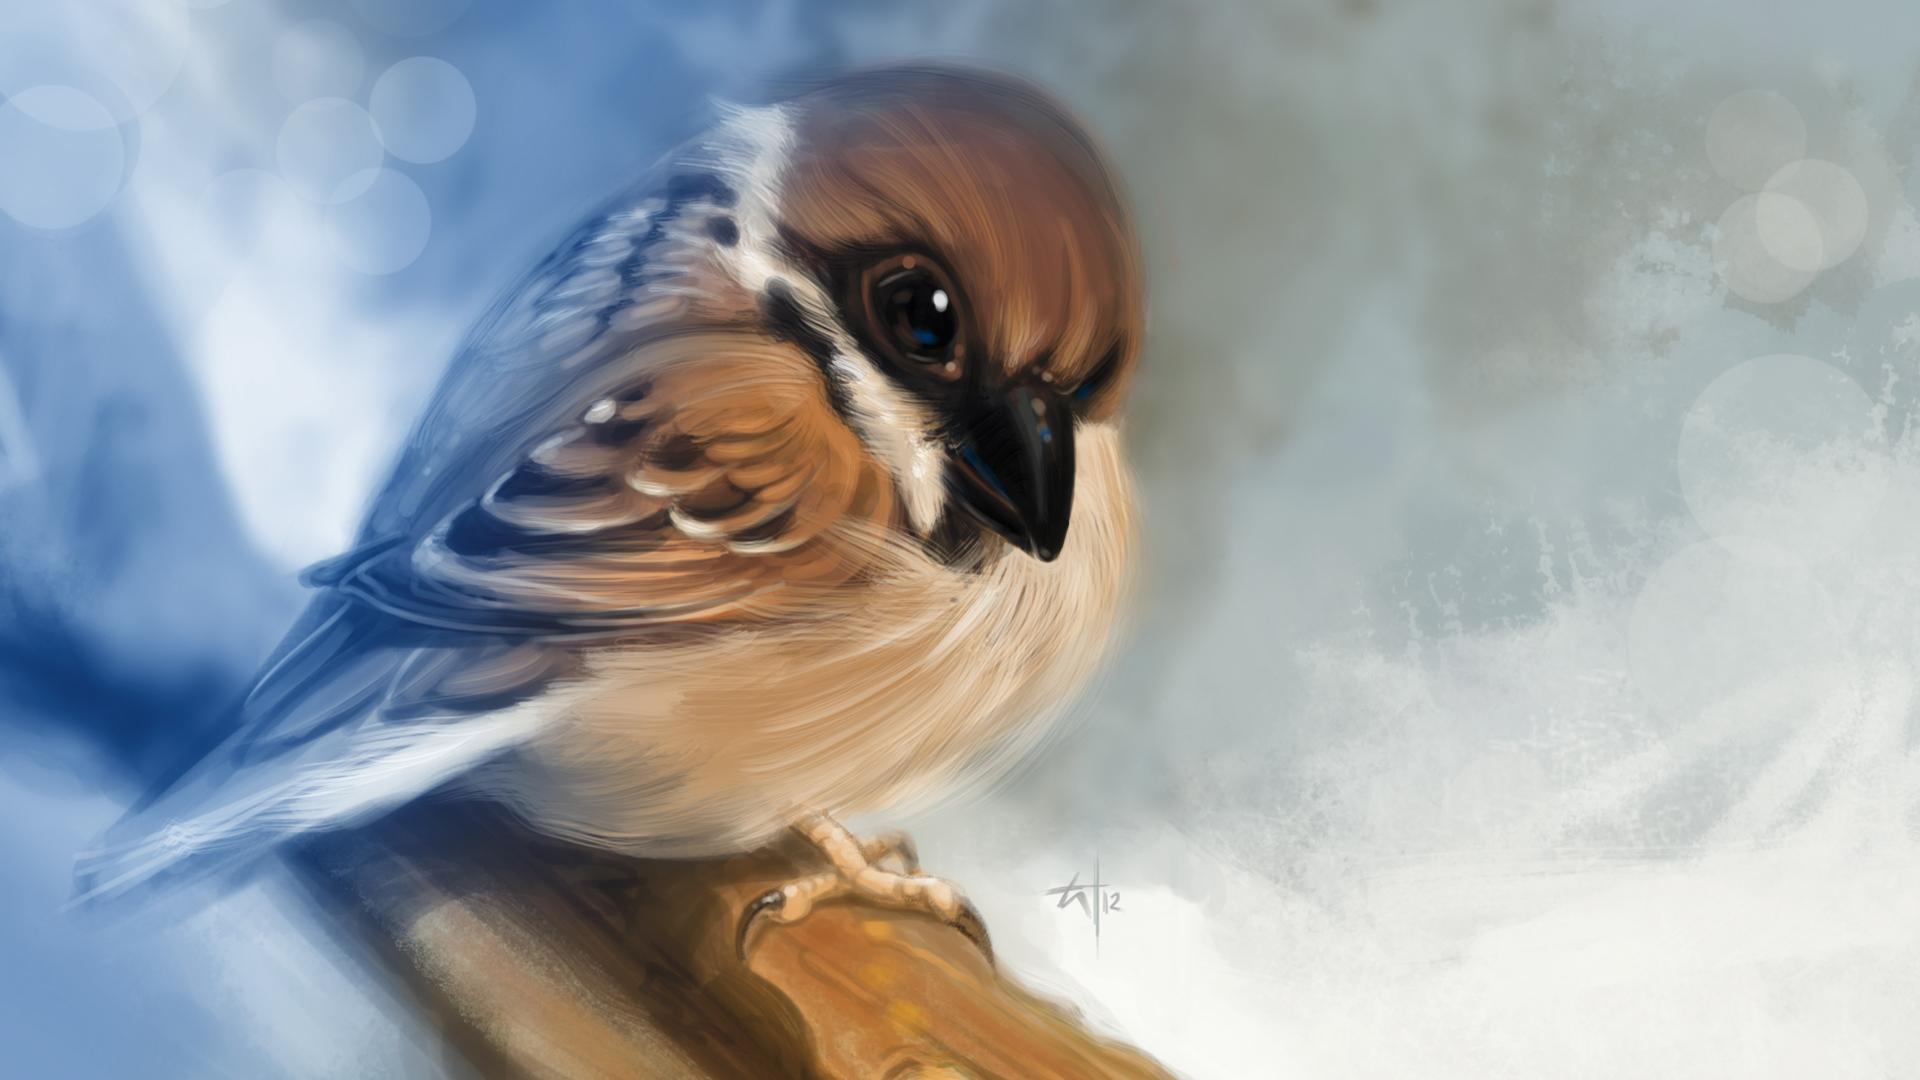 Годика девочке, красивые открытки мультяшные с птичками фото